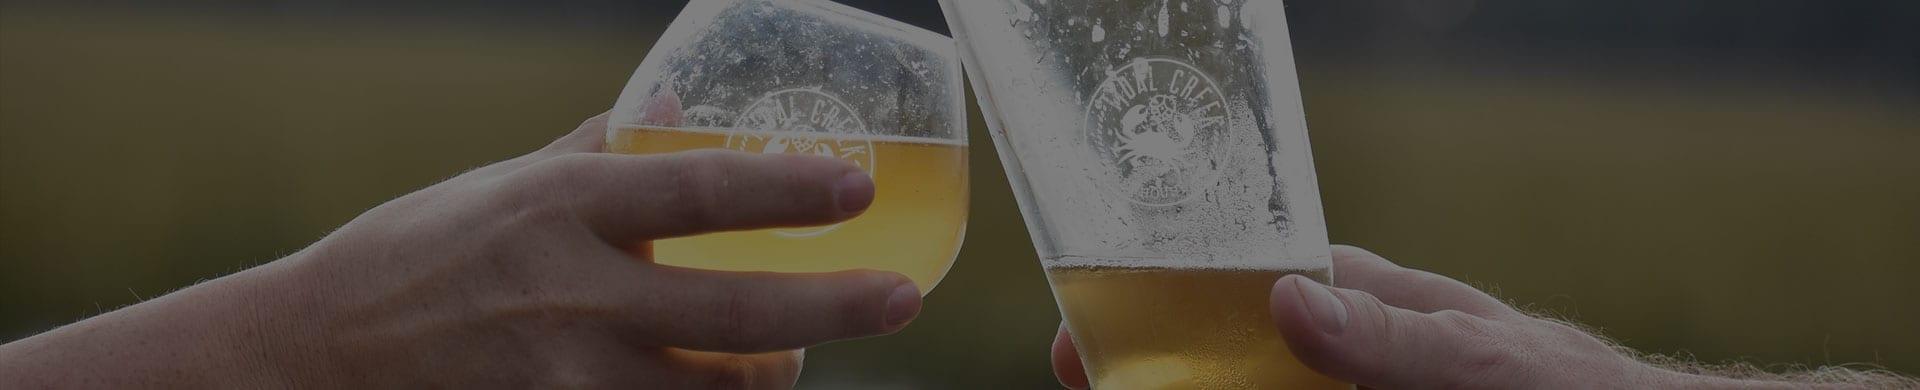 myrtle beach beer 101